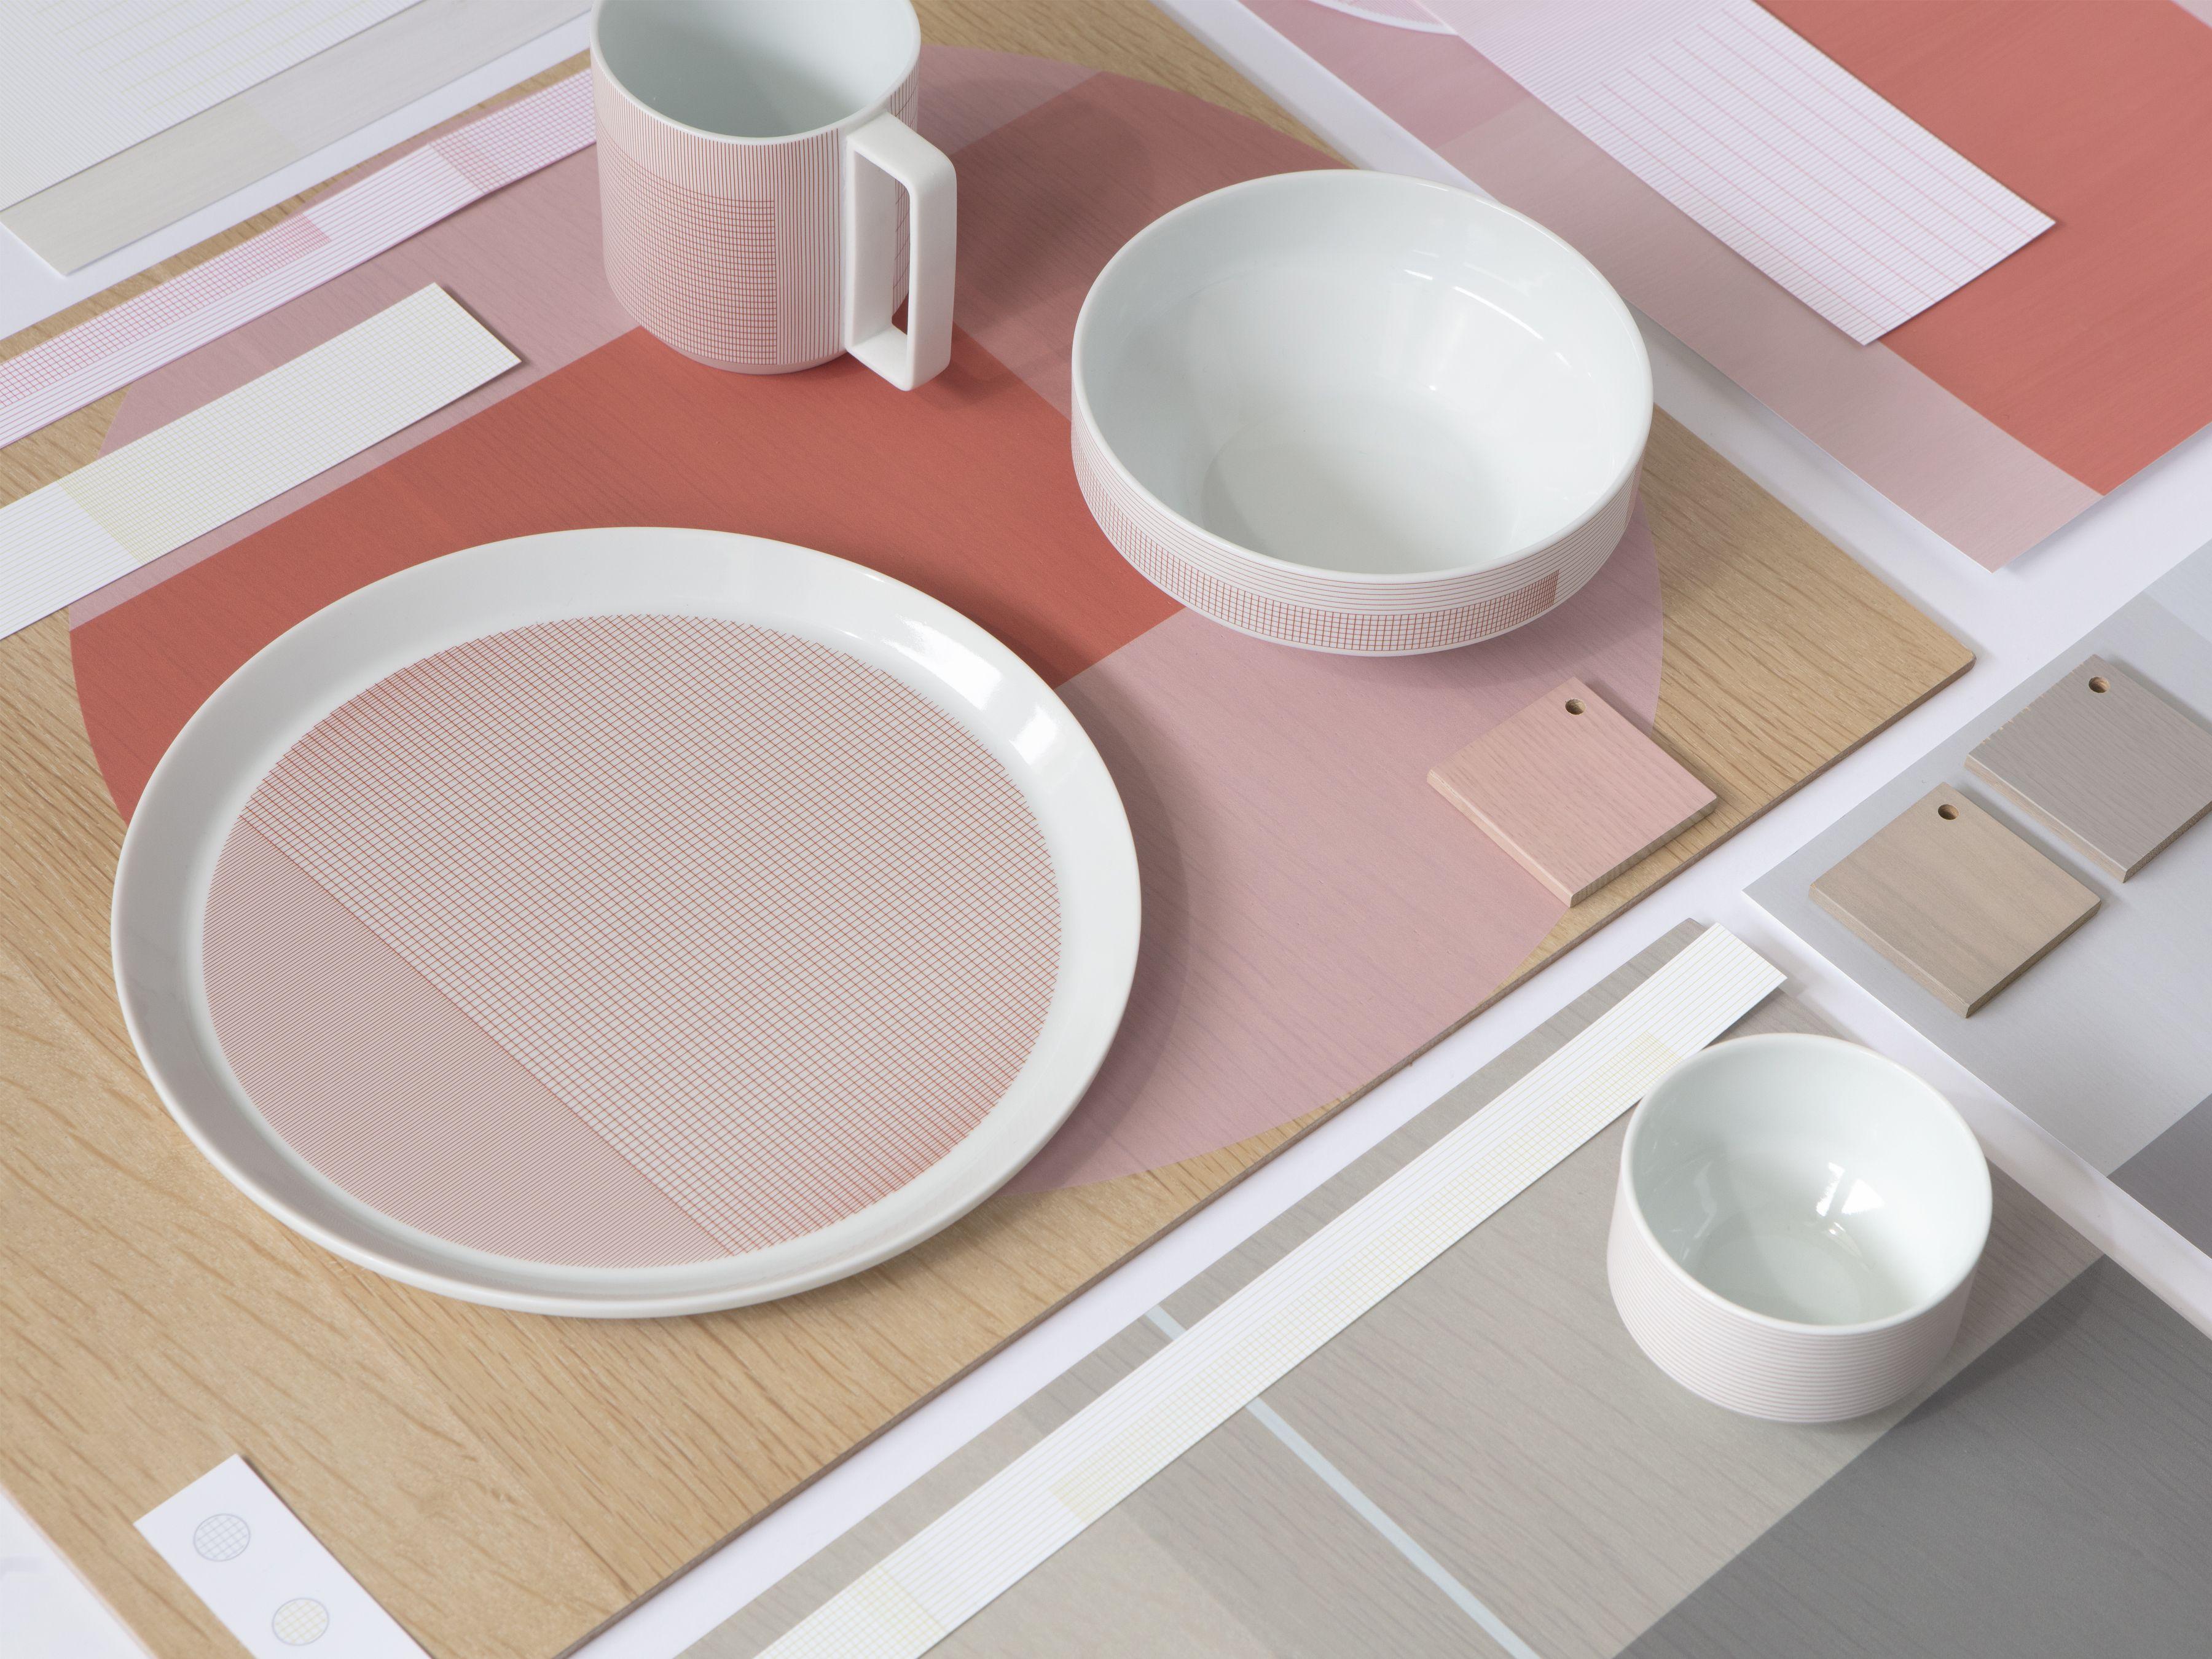 Pattern Porcelain By Scholten Baijings Madeinjapan Dutchdesign Met Afbeeldingen